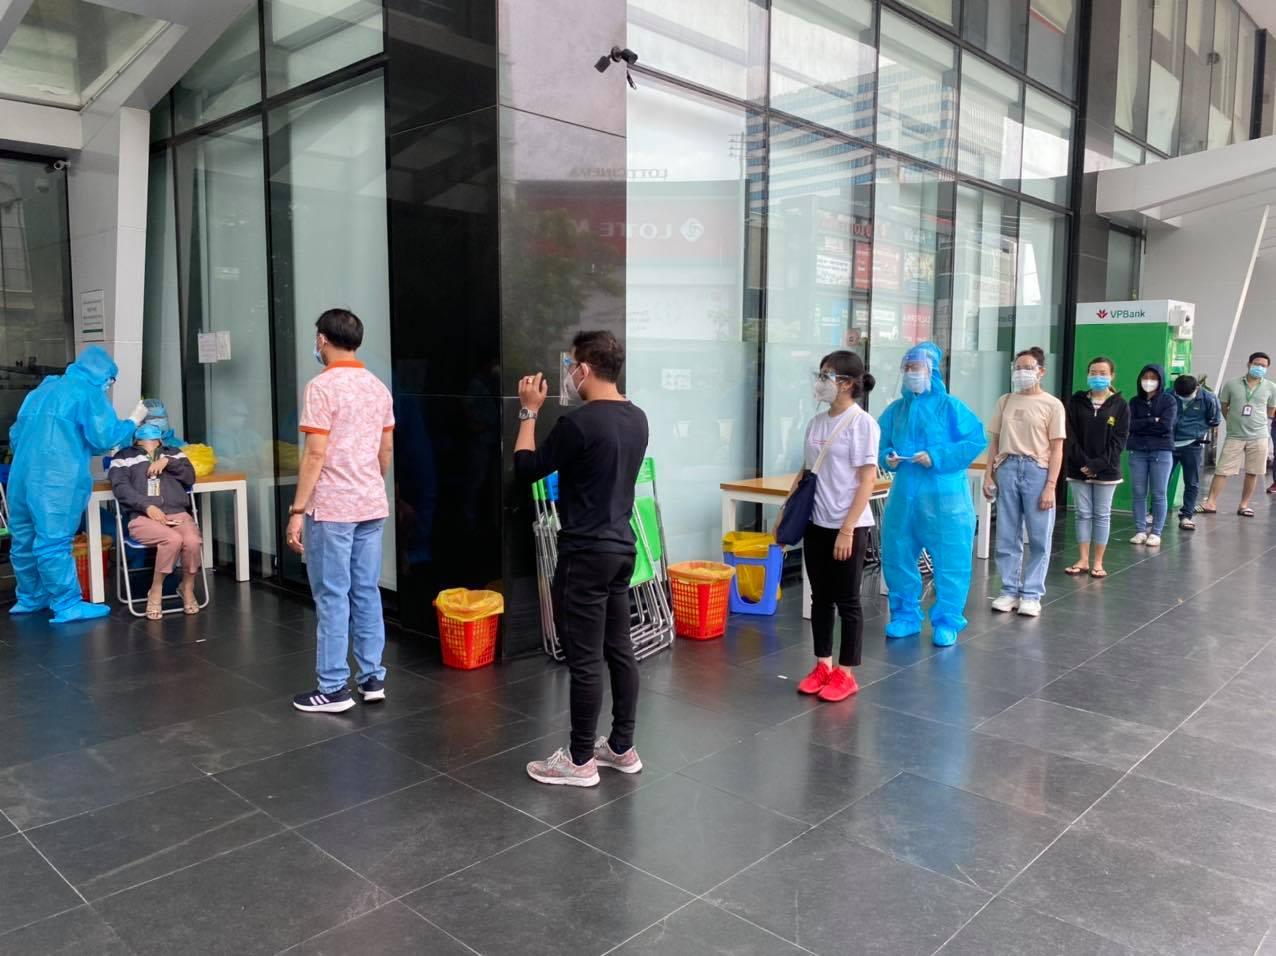 TP.HCM: Sự thật thông tin hàng nghìn người tháo chạy khỏi tòa nhà bị phong tỏa ở quận Tân Bình - hình ảnh 2